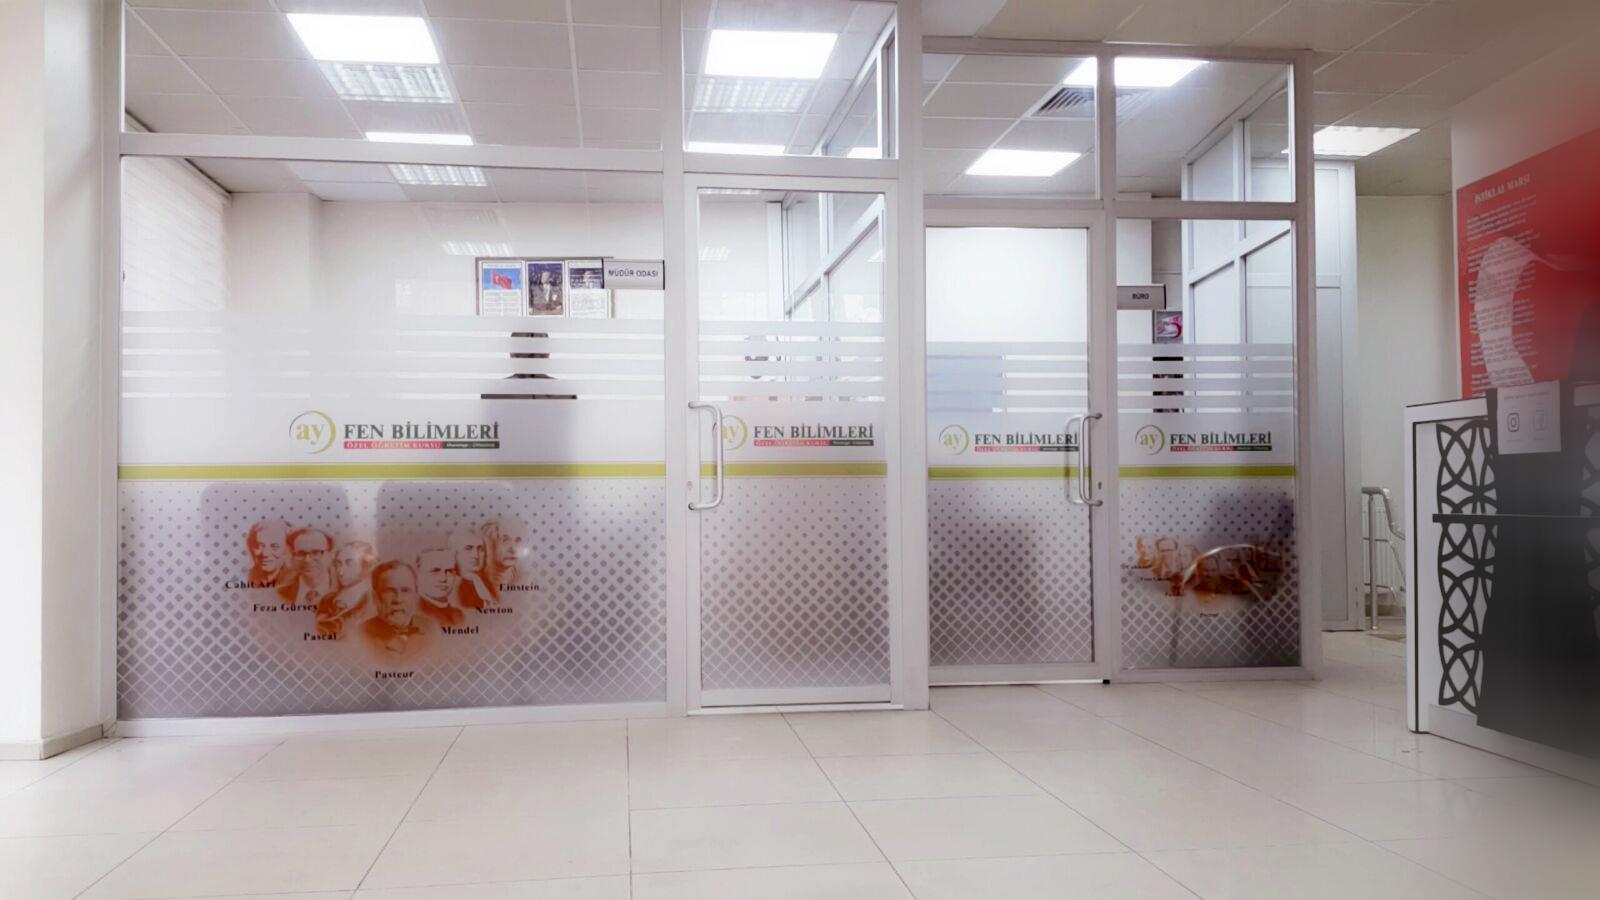 ümraniye ayfen bilimleri ofis cam kumlafa folyo deseni uygulaması